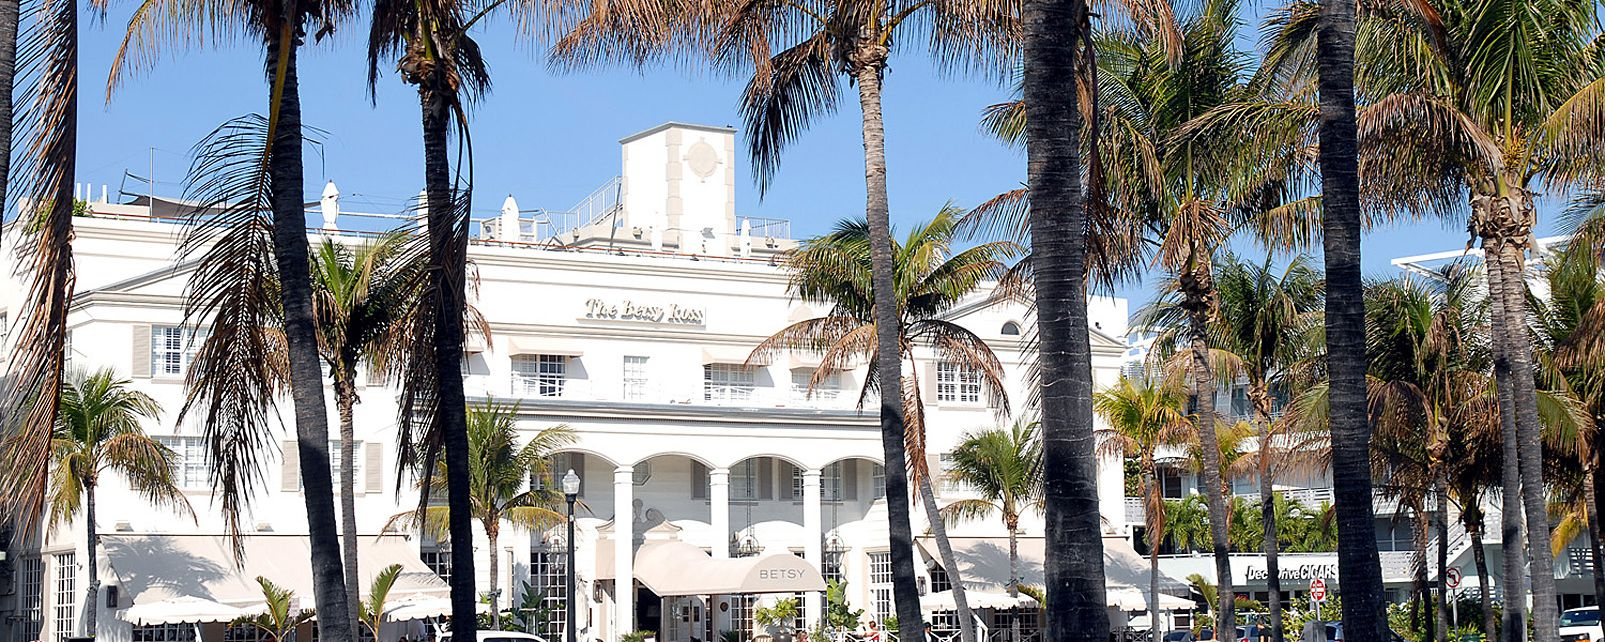 Hôtel The Betsy